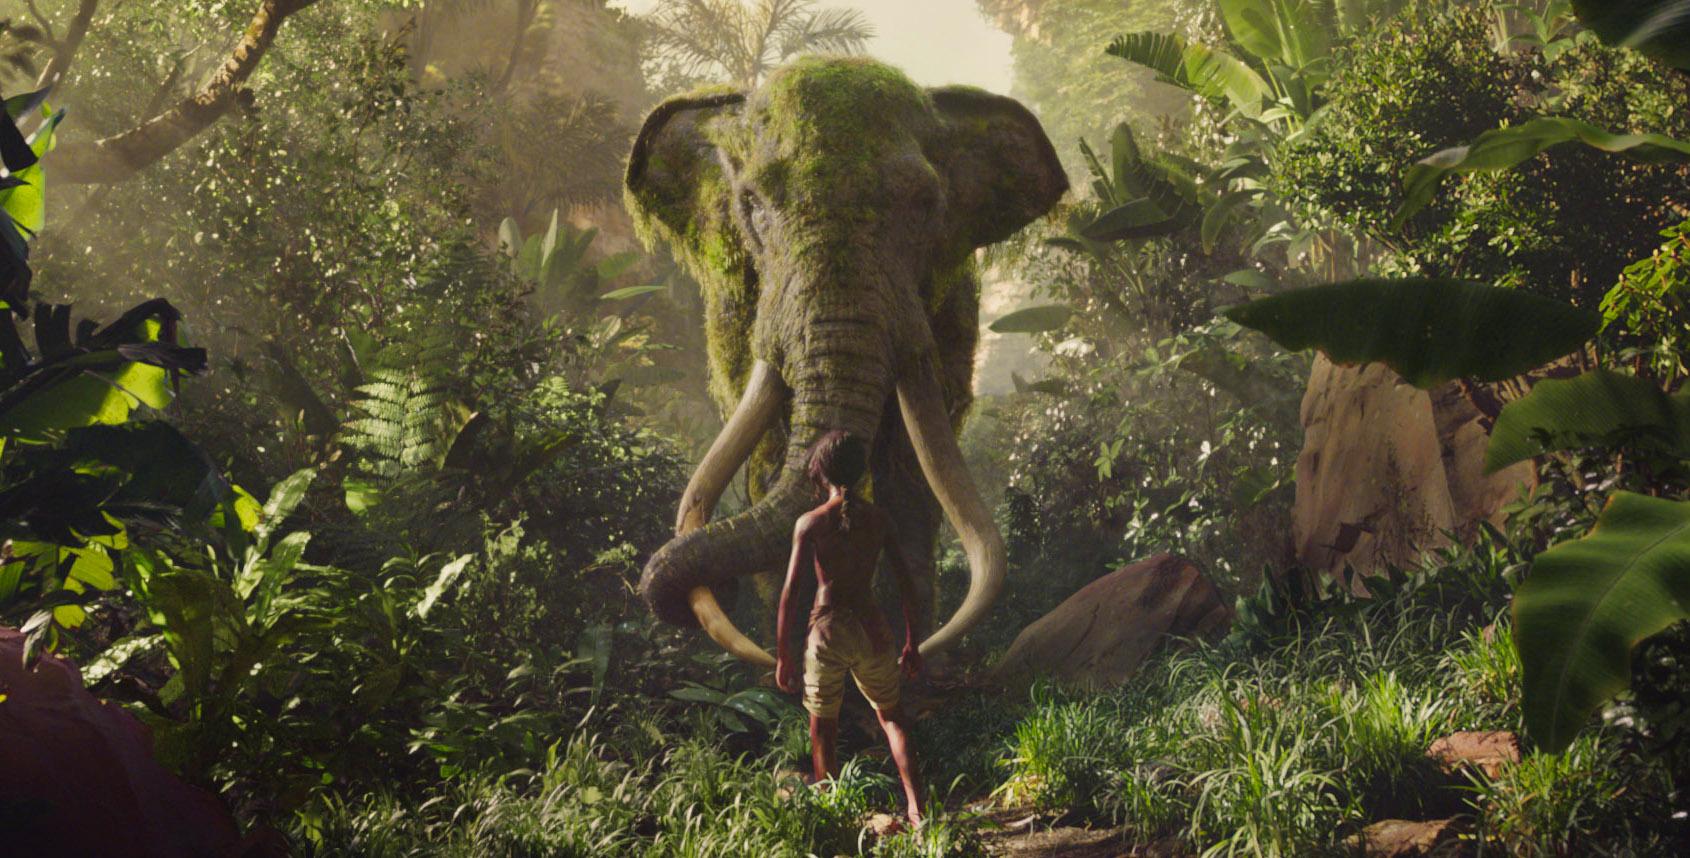 Andy Serkis'in Yeni Filmi Mowgli'den İlk Fragman Yayınlandı